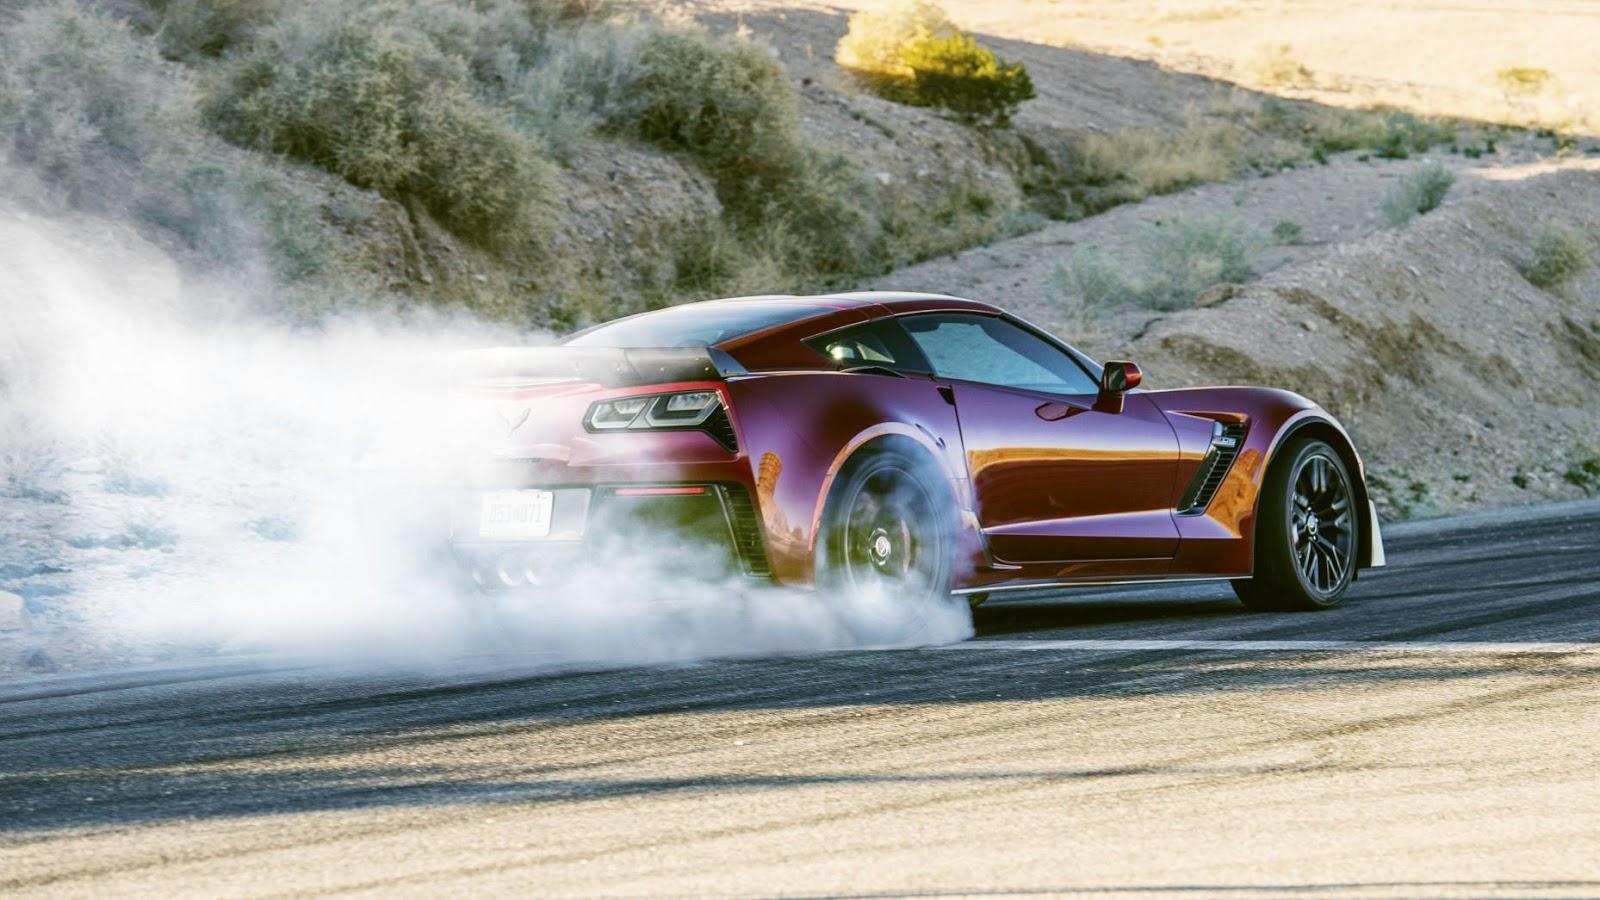 Ba siêu phẩm Corvette Z06, Mustang GT350R và Viper ACR đọ tài